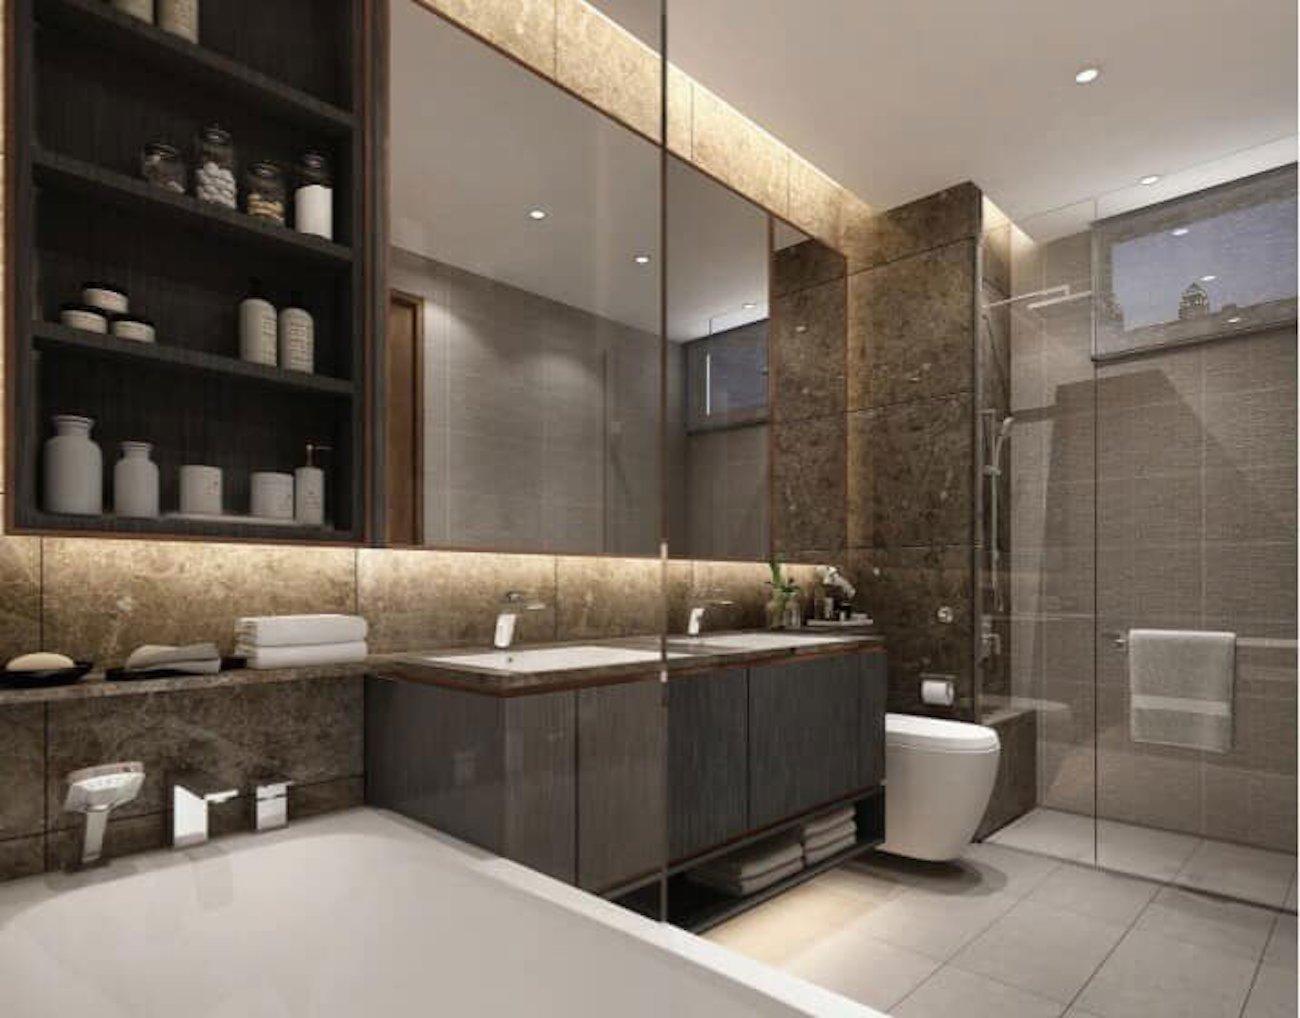 Nhà tắm được trang bị full nội thất